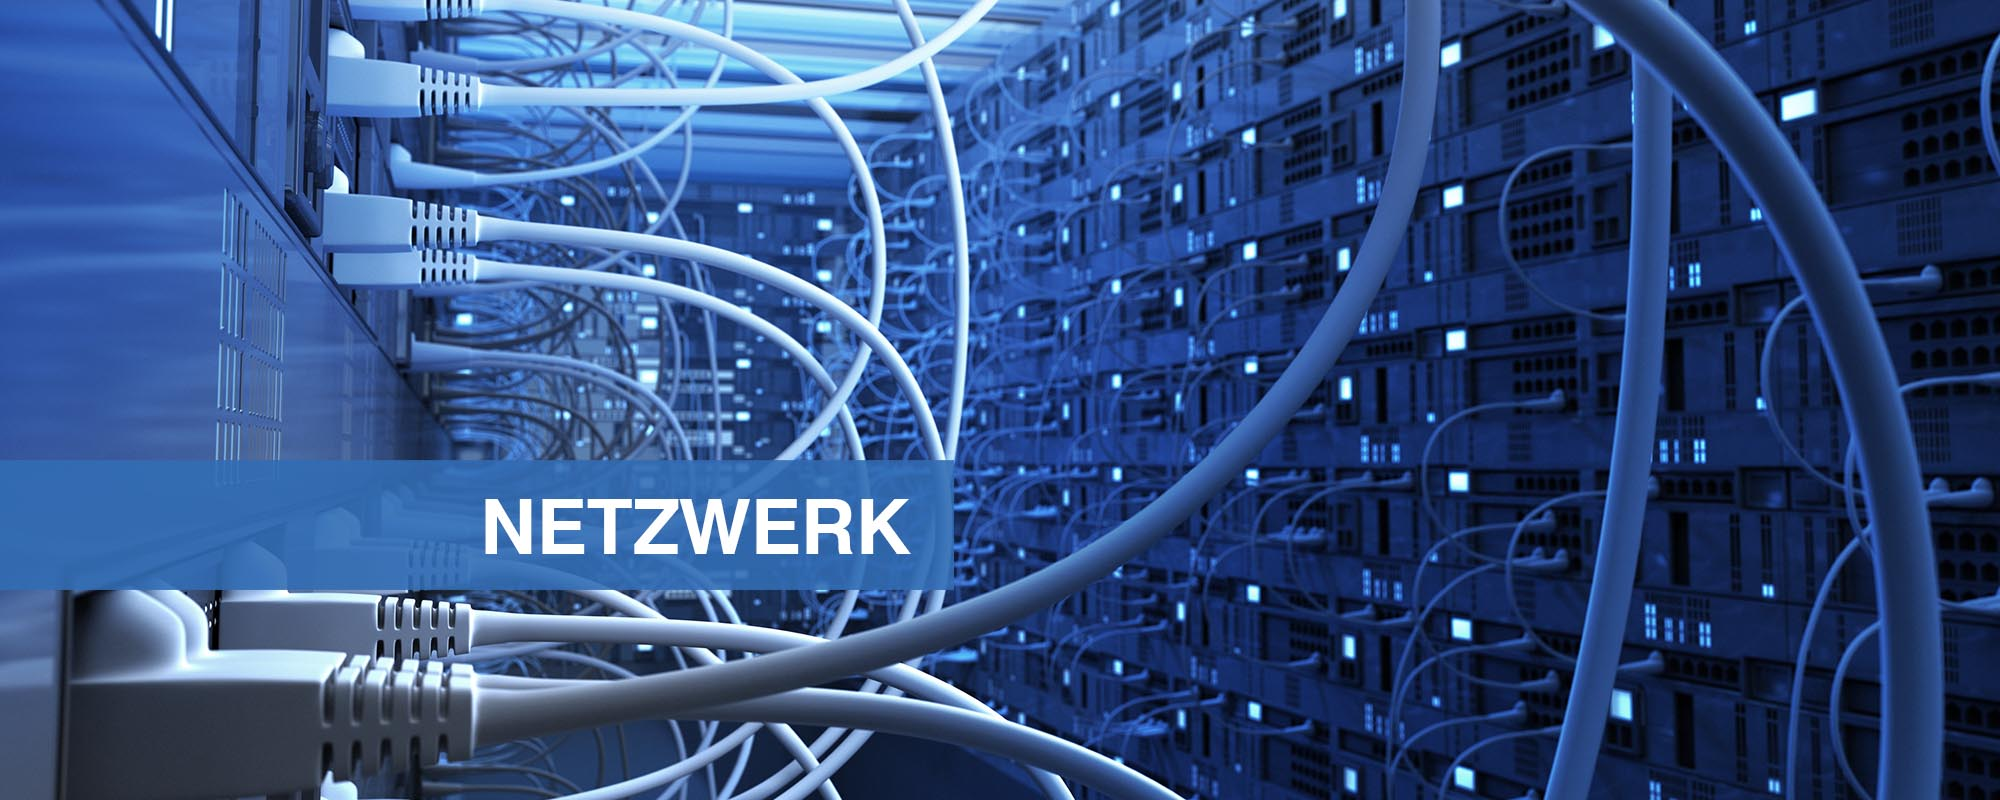 bagala-it-systemhaus-krefeld-duesseldorf-digital-signage-it-sicherheit-hardware-software-netzwerk-webdesign-netzwerk